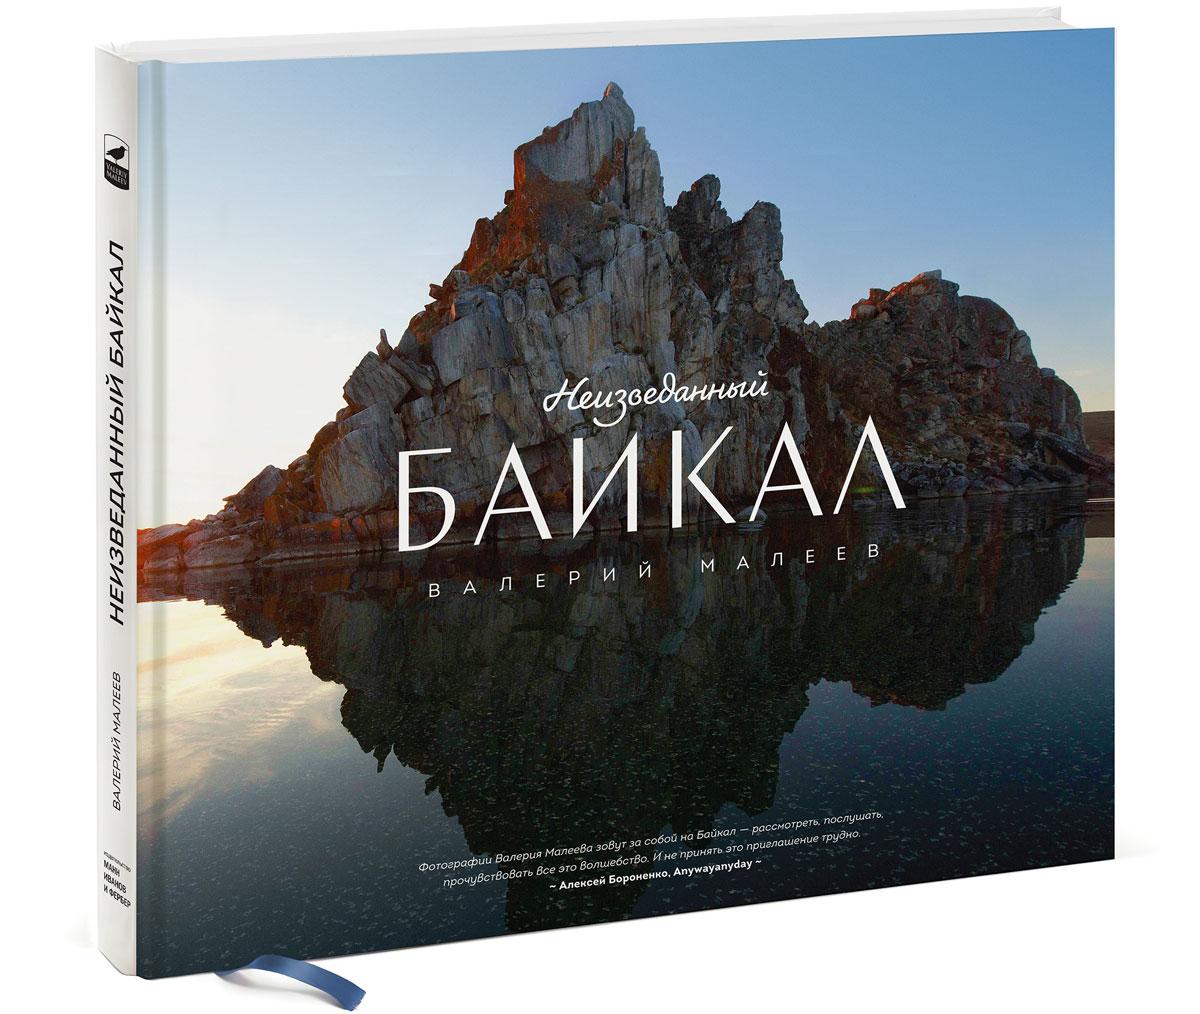 Валерий Малеев Неизведанный Байкал минеральная вода жемчужина байкала 1 25 негаз пэт жемчужина байкала